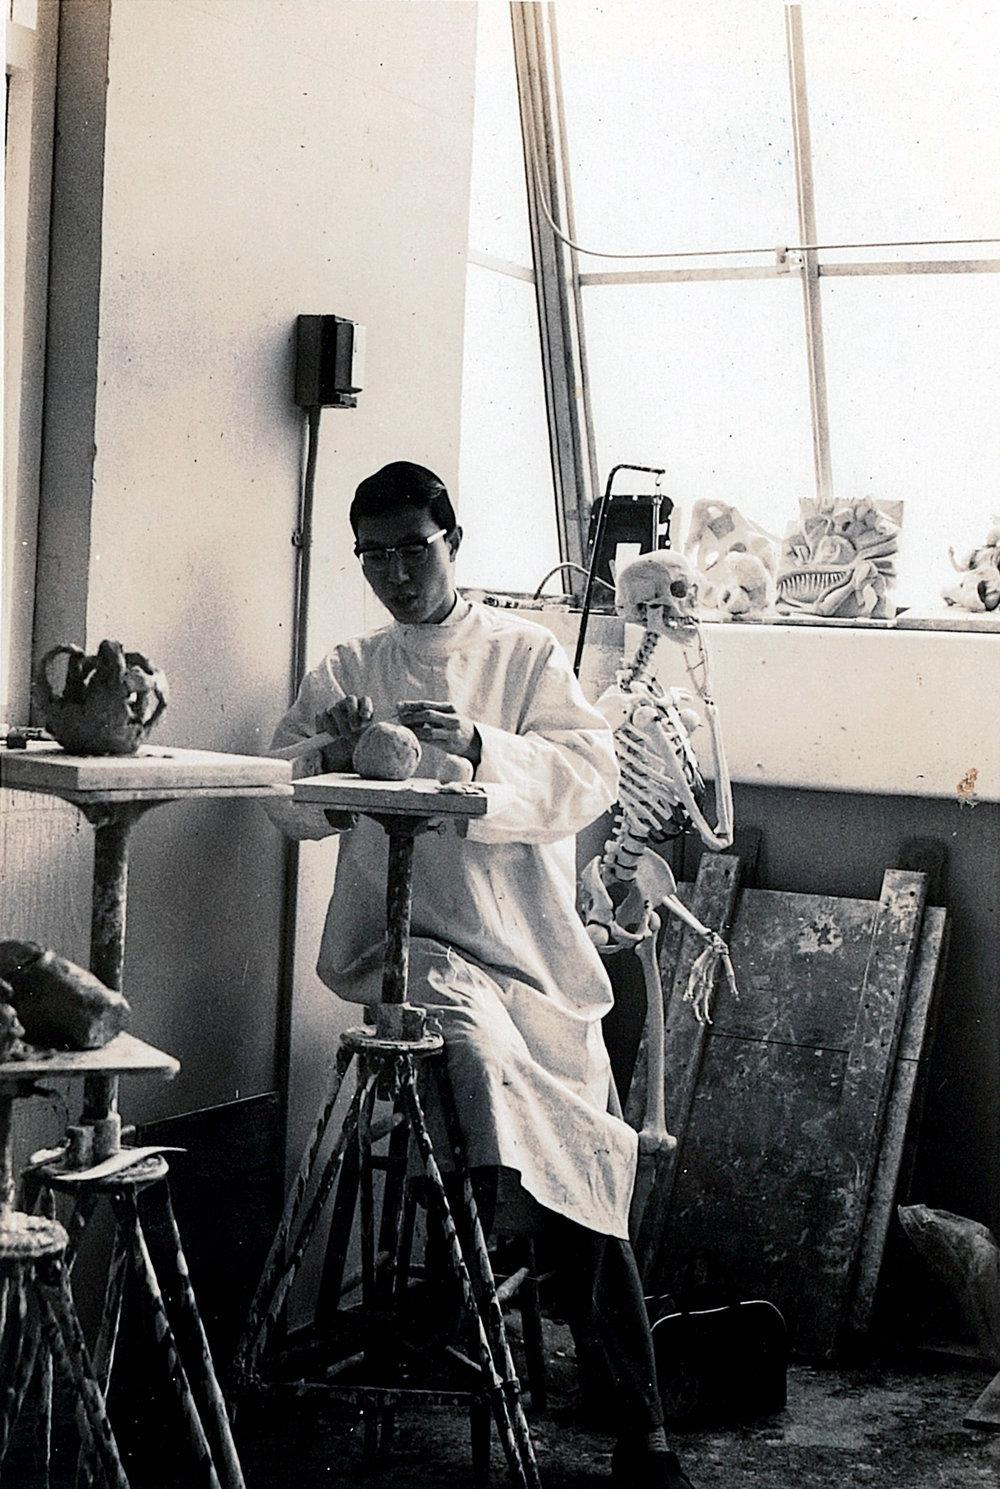 藝術家在英國留學修讀雕塑的情況。